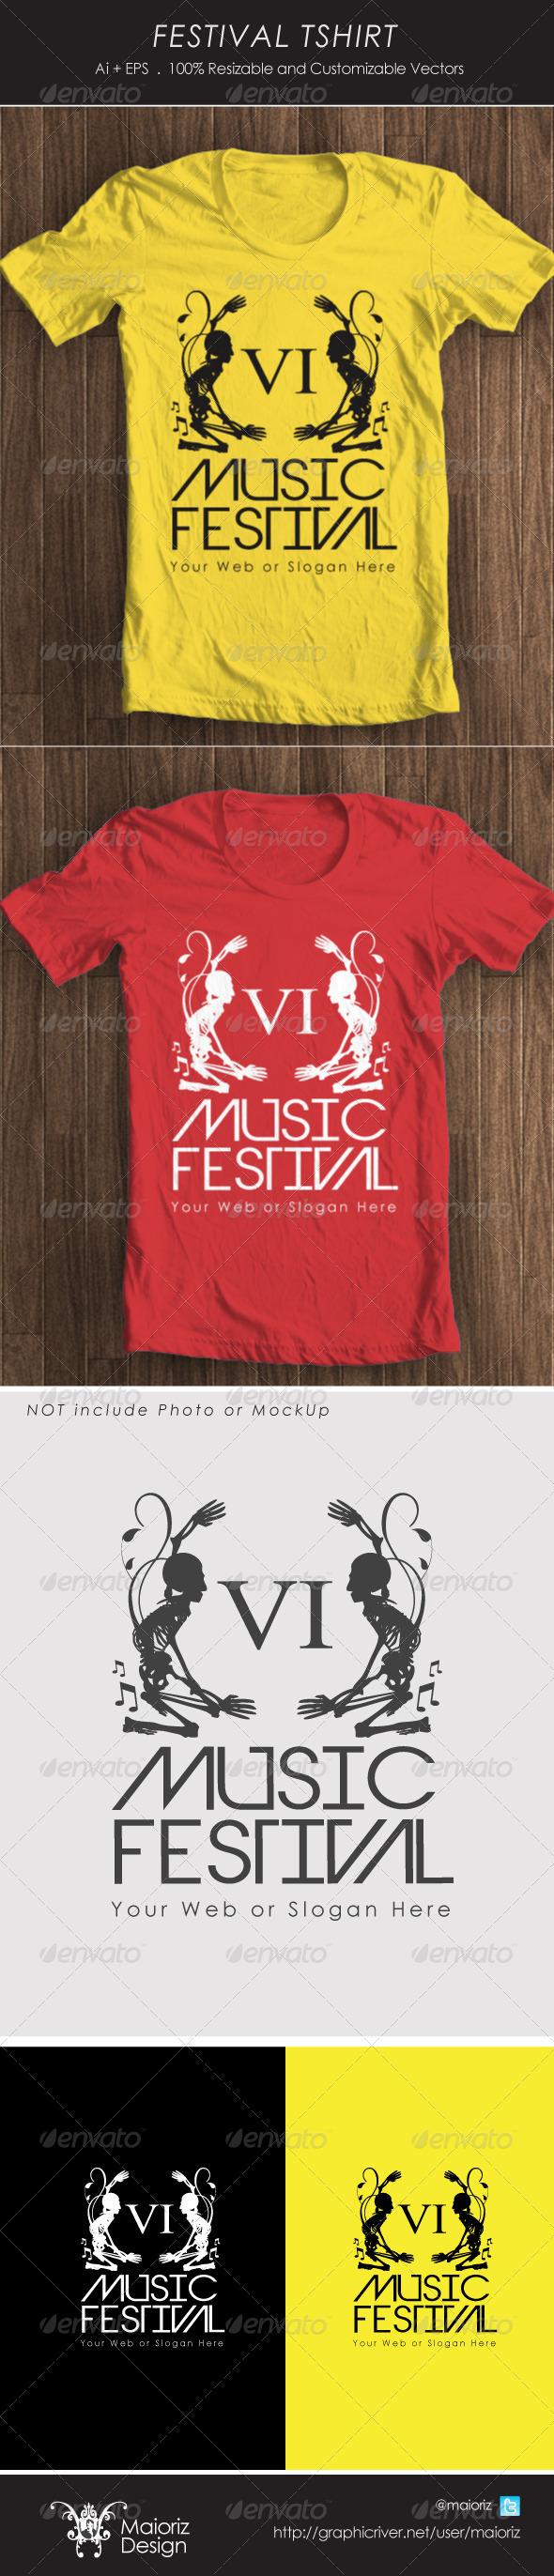 GraphicRiver Festival Tshirt 4251090